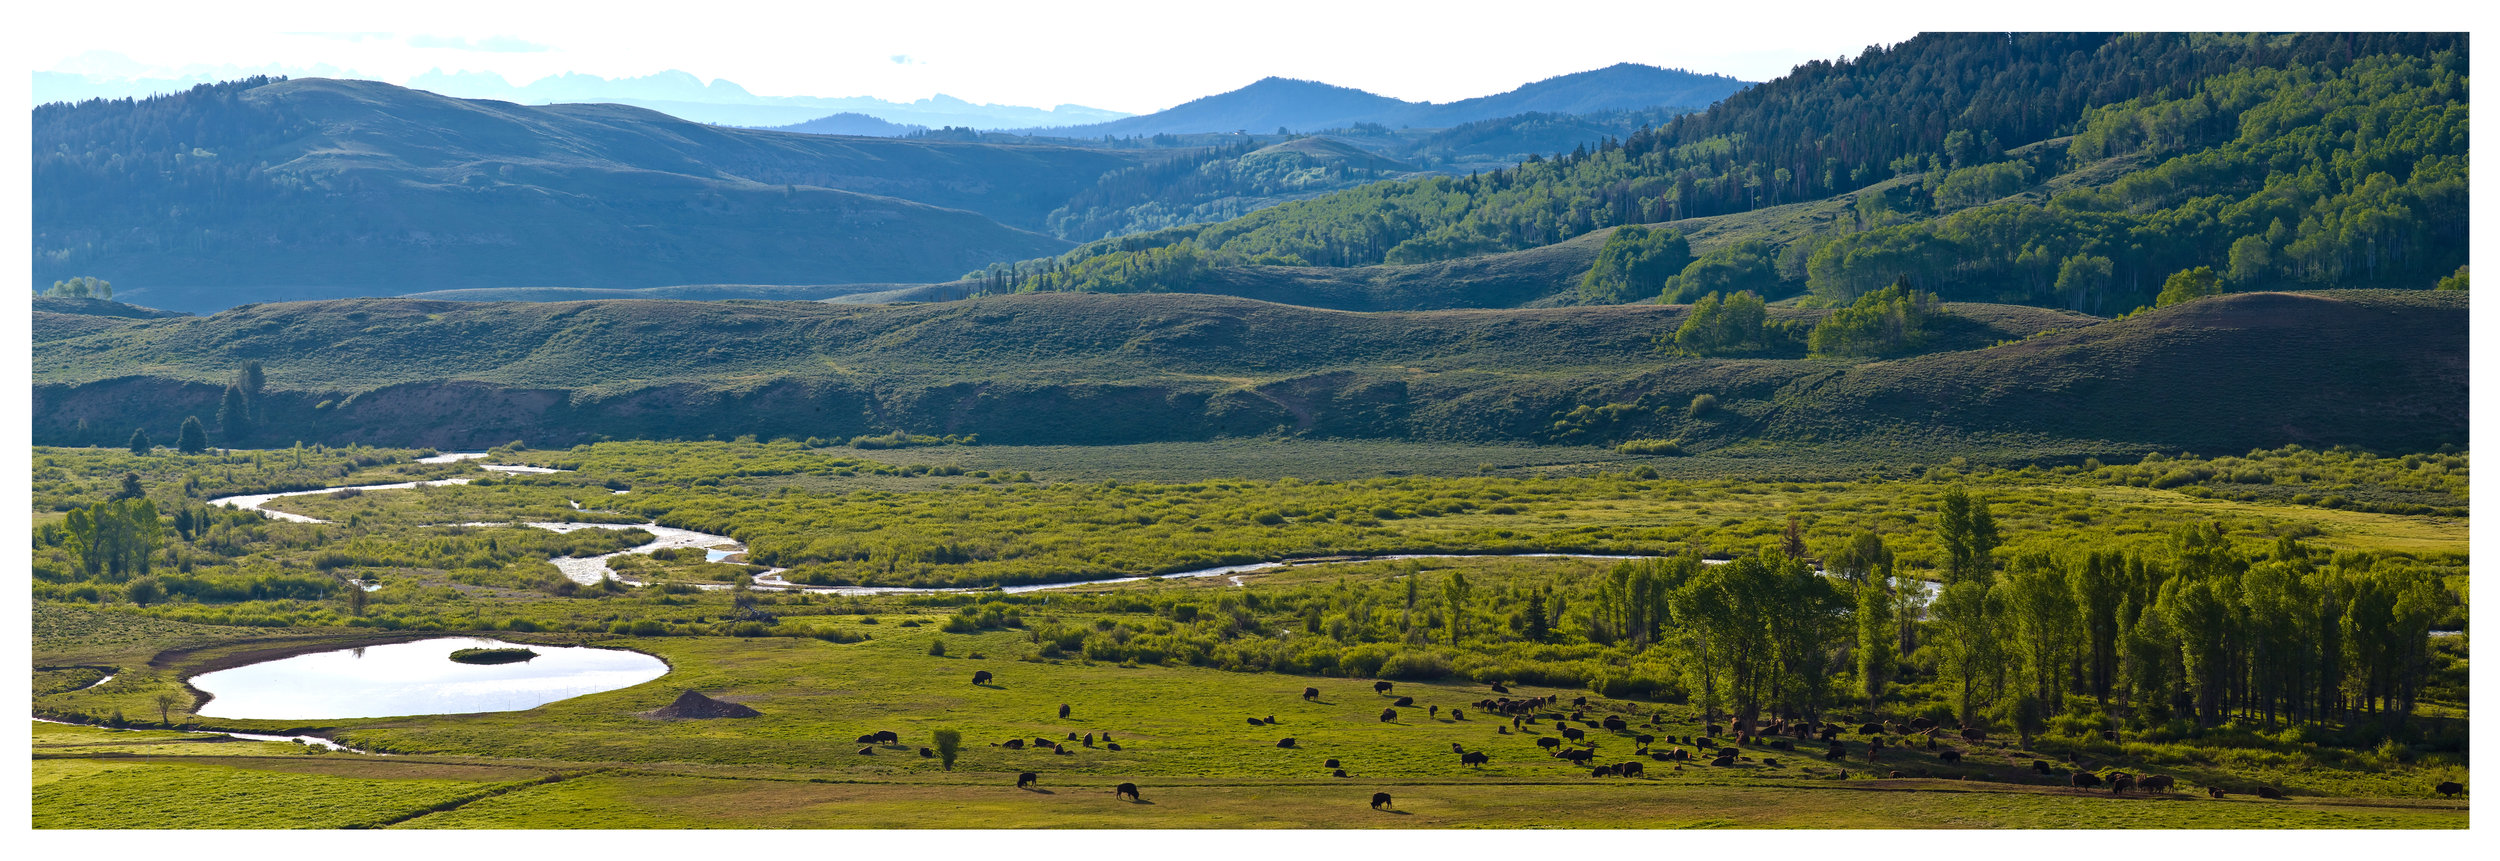 Jackson Fork Ranch 1103_FRAME.jpg